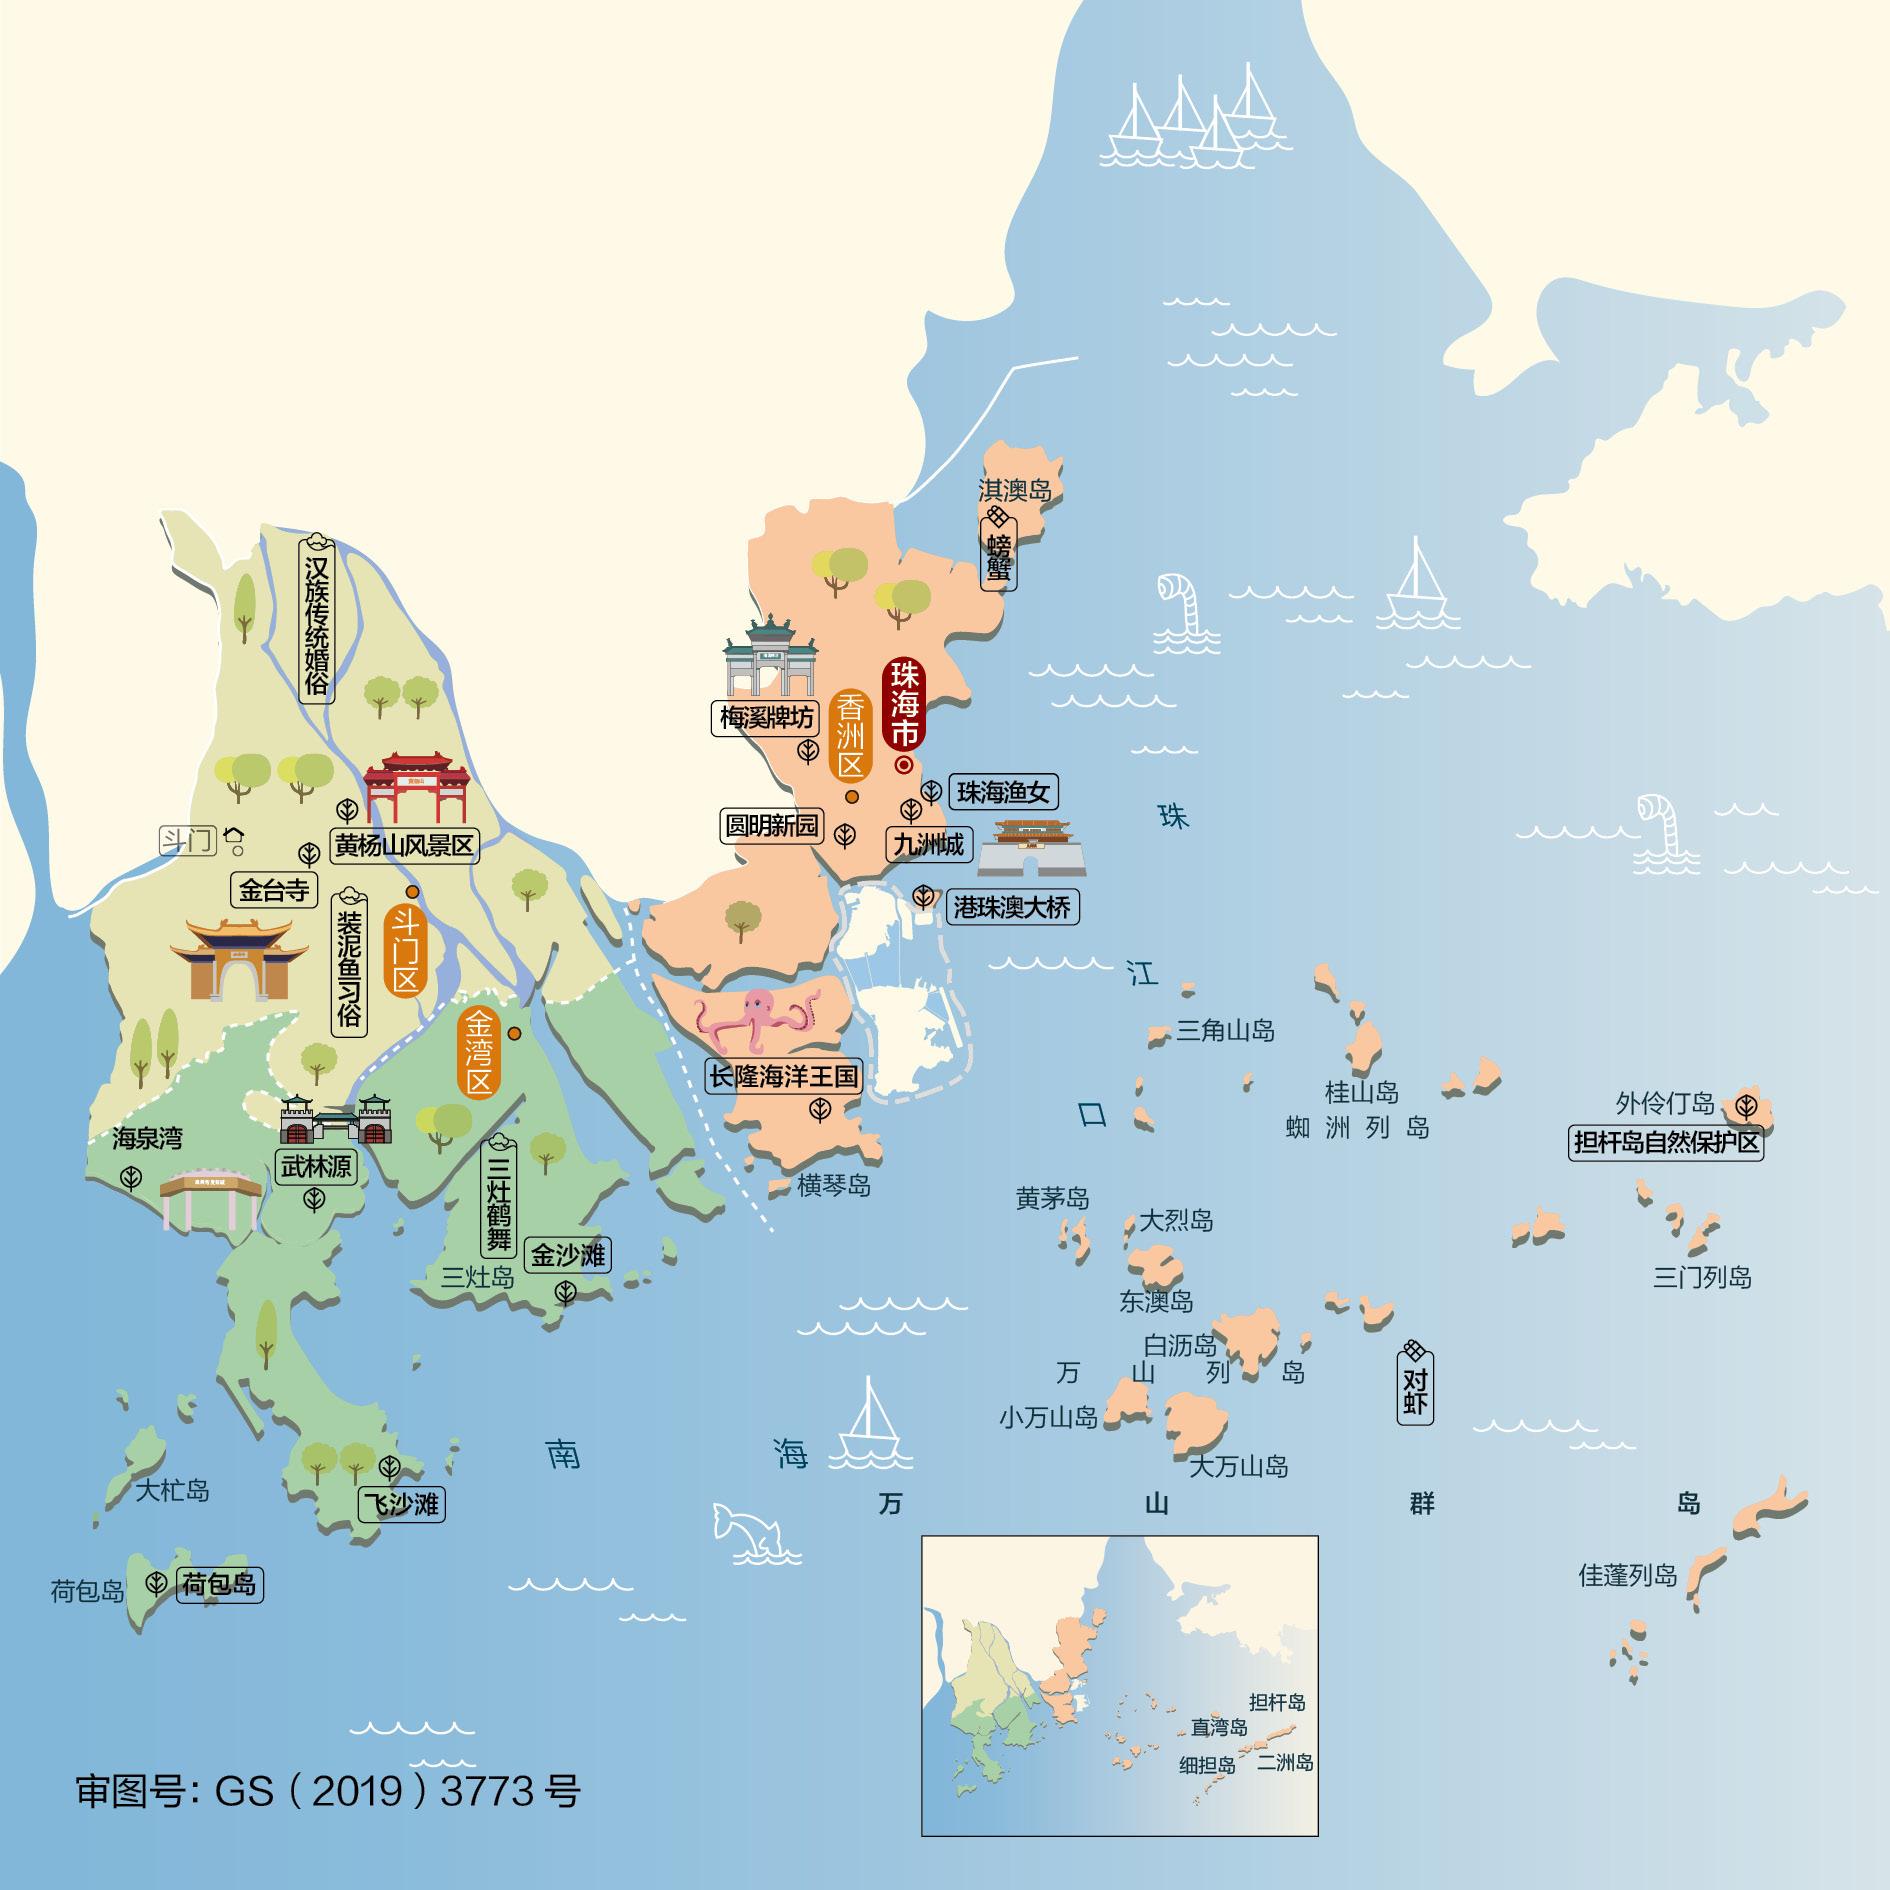 广东珠海市景点_广东省珠海市人文地图_珠海地图库_地图窝